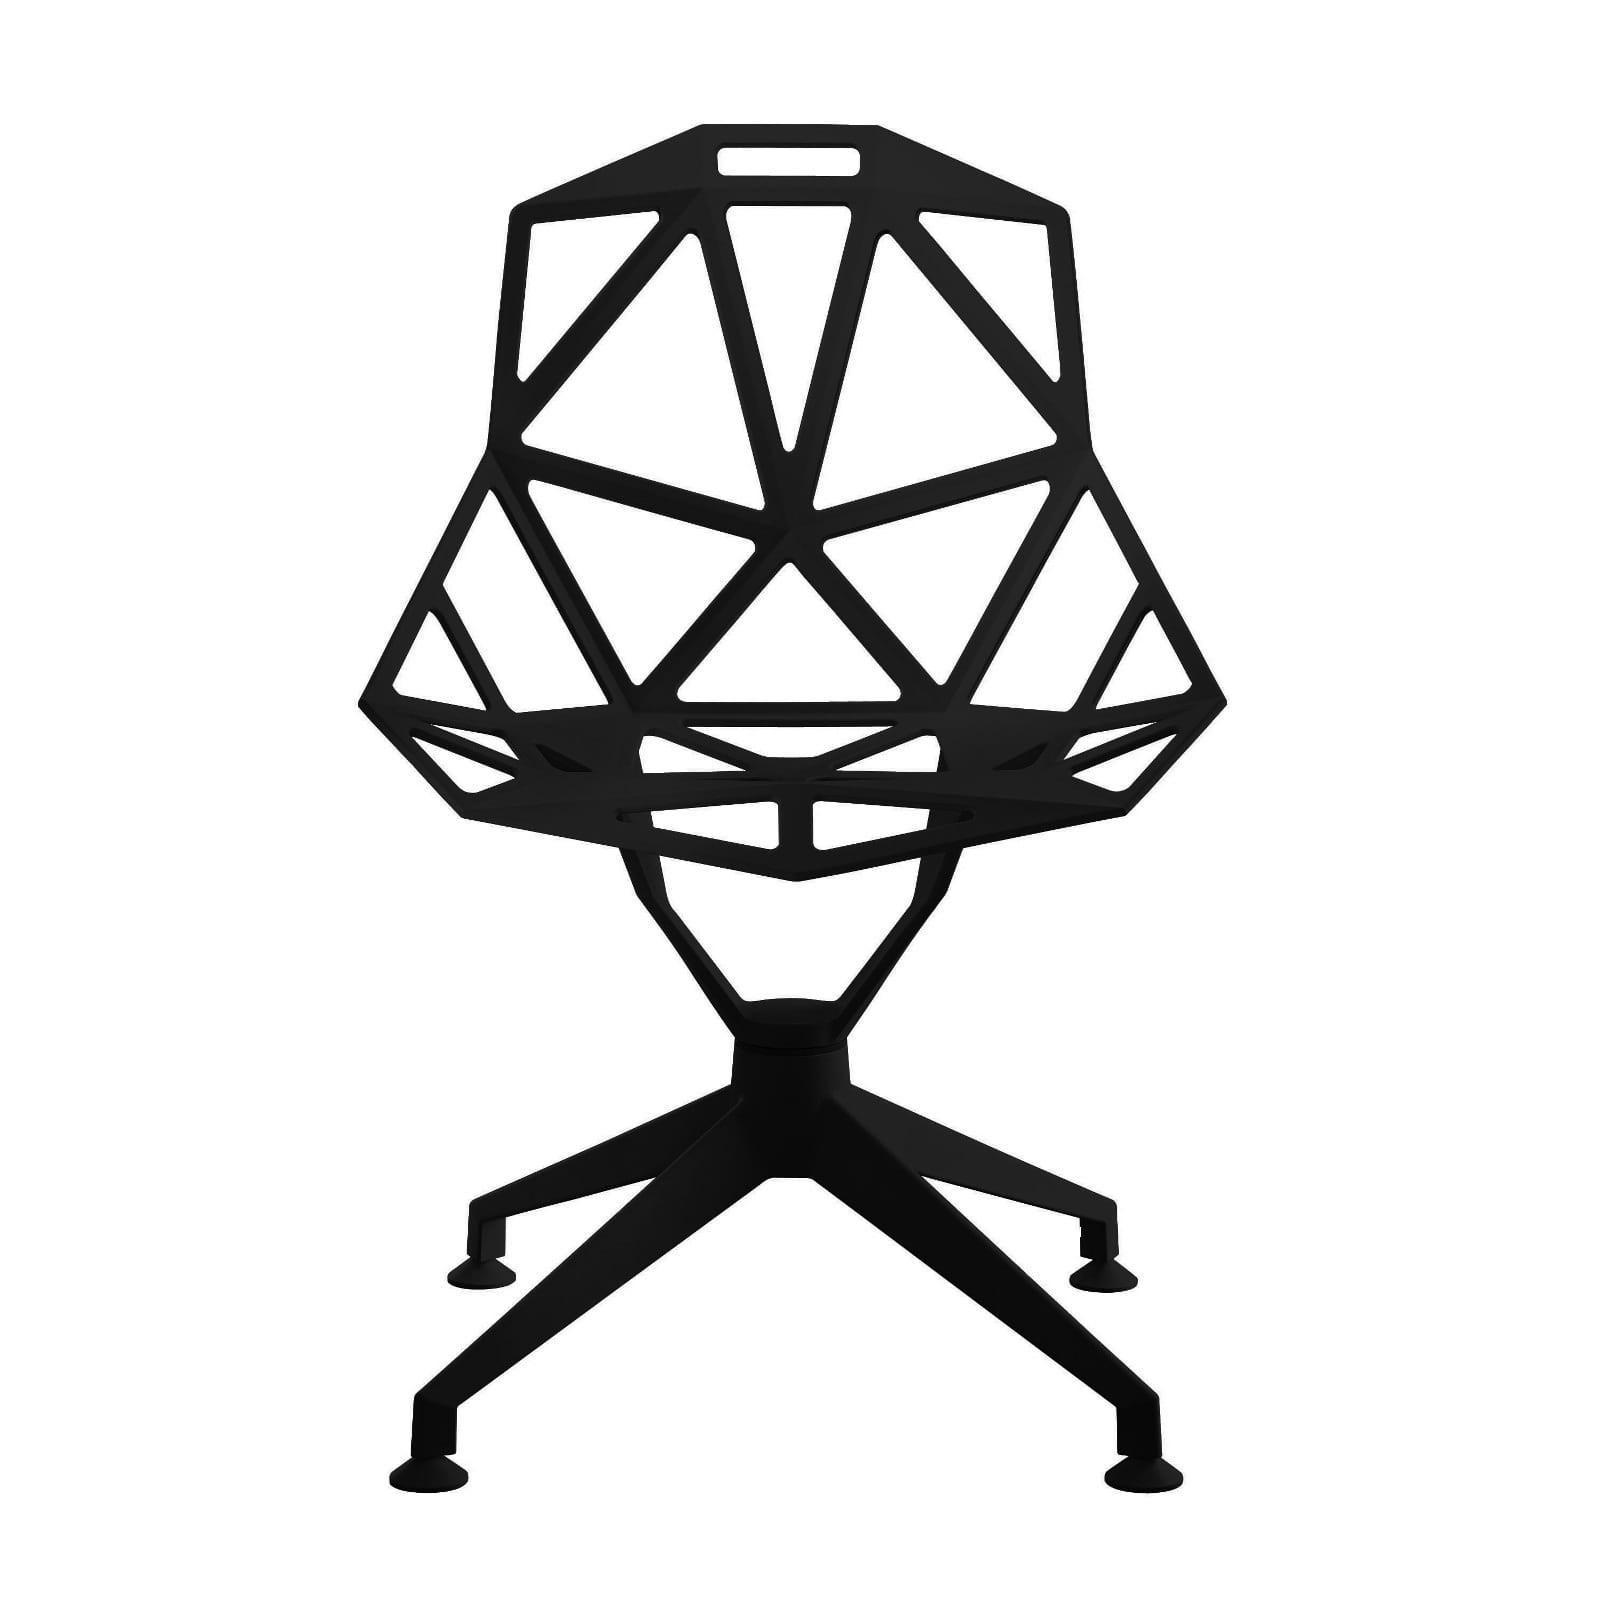 Chair One 4-Star Swivel Chair (Black) - Magis